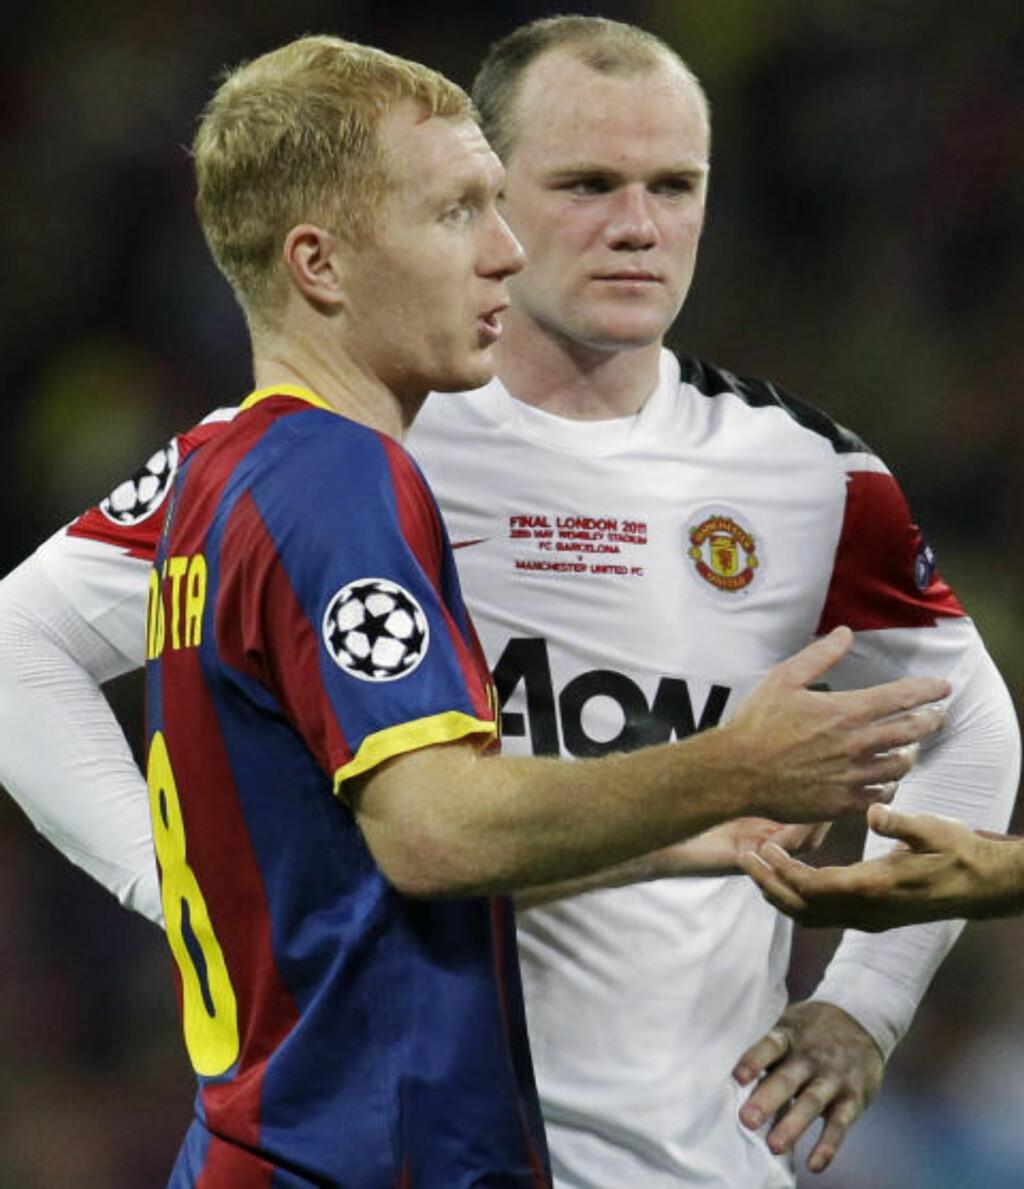 LYSÅR BAK BARCA: Paul Scholes erkjenner at United var sjanseløse mot Barcelona. Men han tror Wayne Rooney kan bli like viktig for United som Messi er for katalanerne, selv om spissen var respektløs da han krevde en overgang vekk fra Old Trafford forrige høst. Foto: AP/Sang Tan